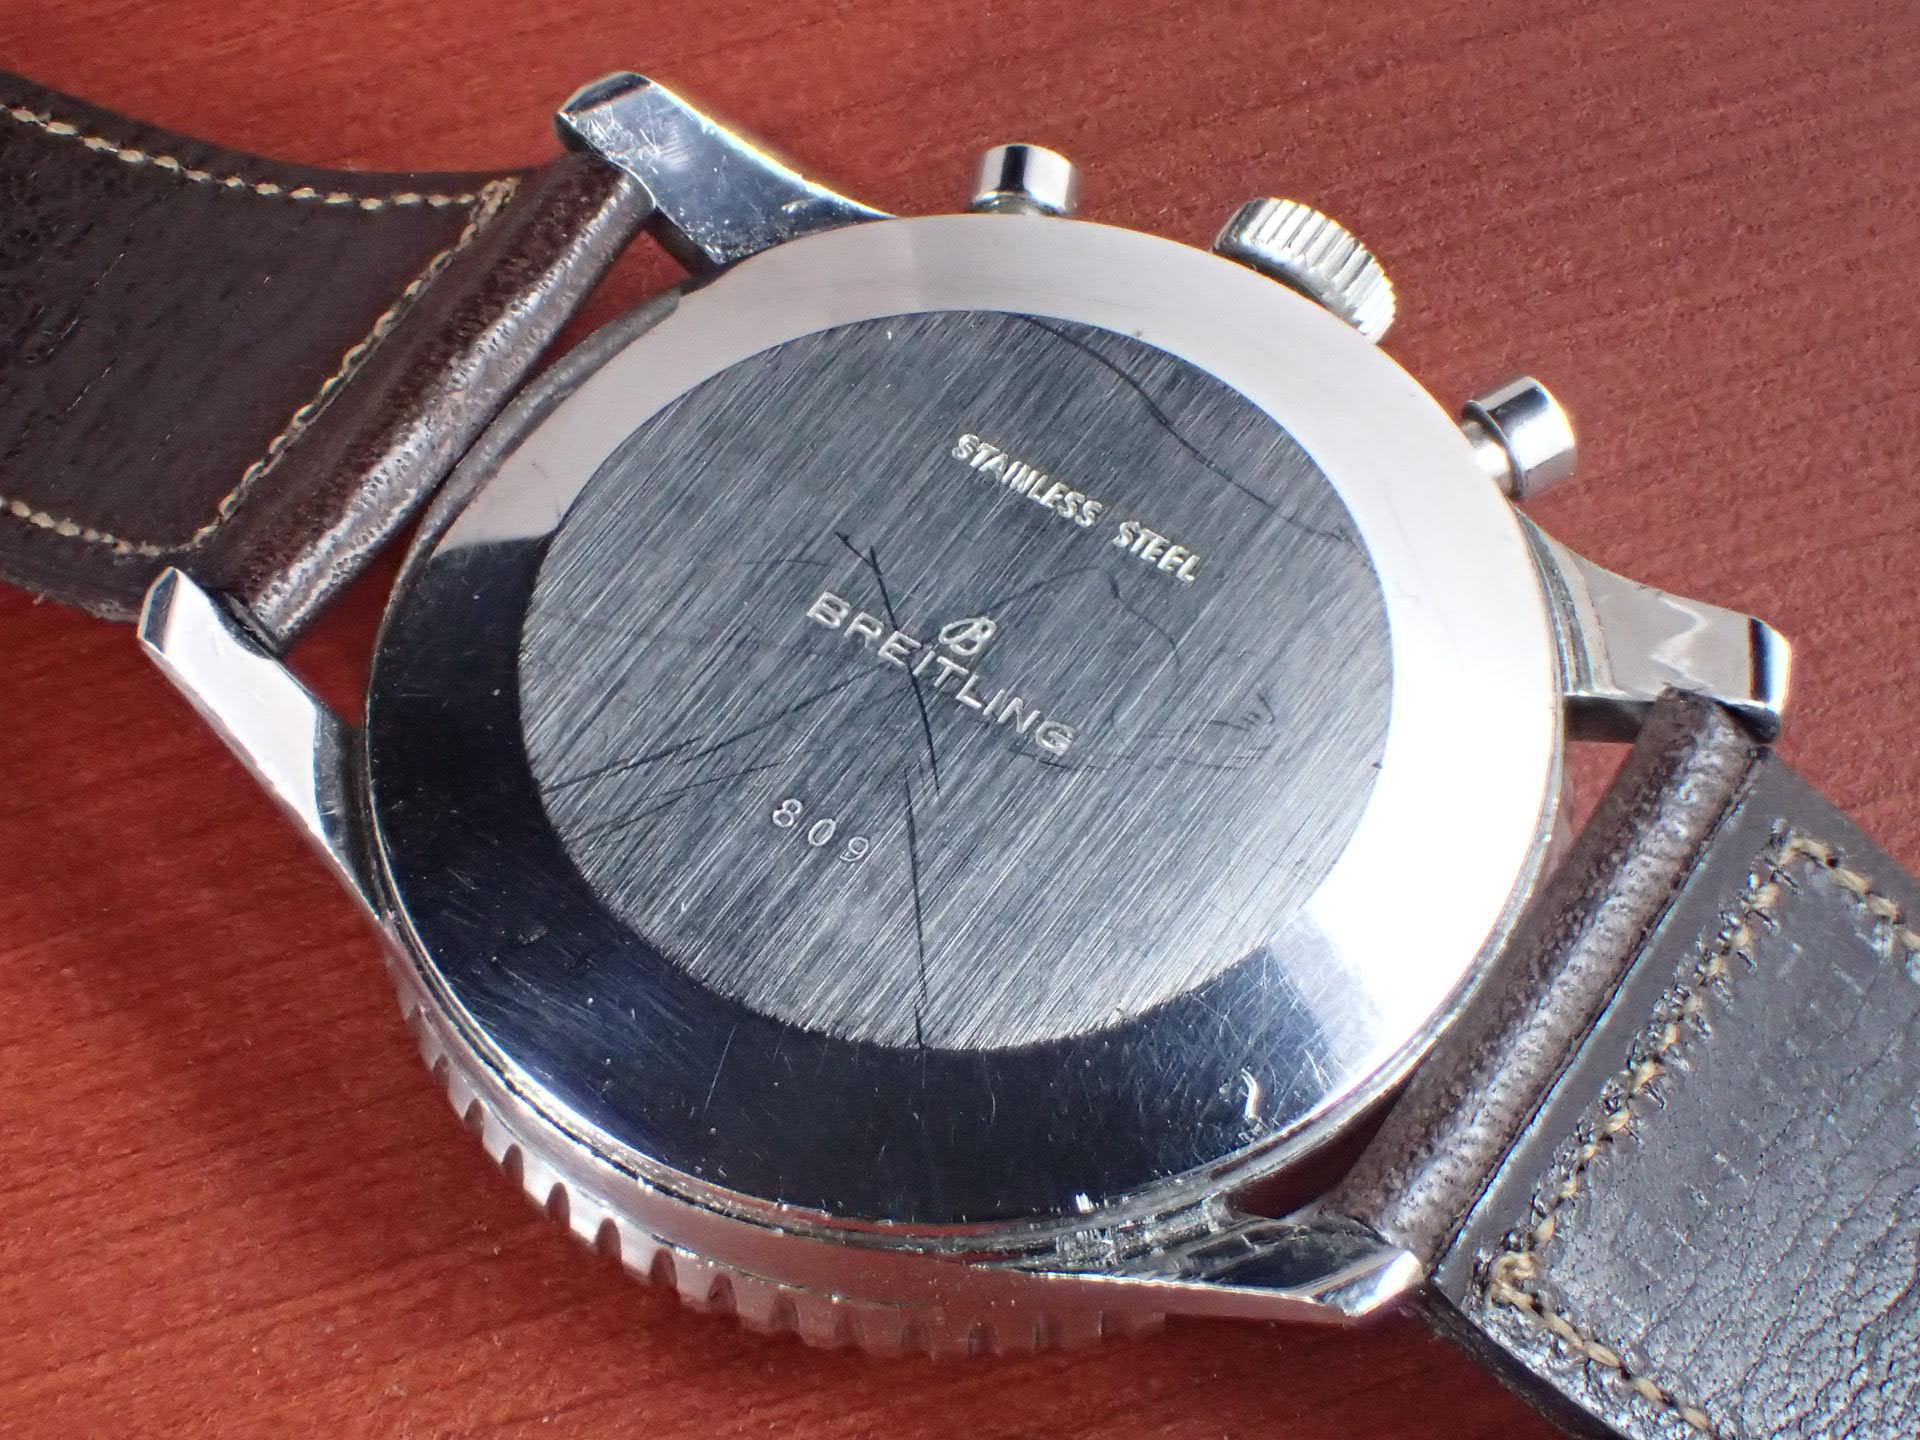 ブライトリング コスモノート ナビタイマー Ref.809 24時間時計 1960年代の写真4枚目